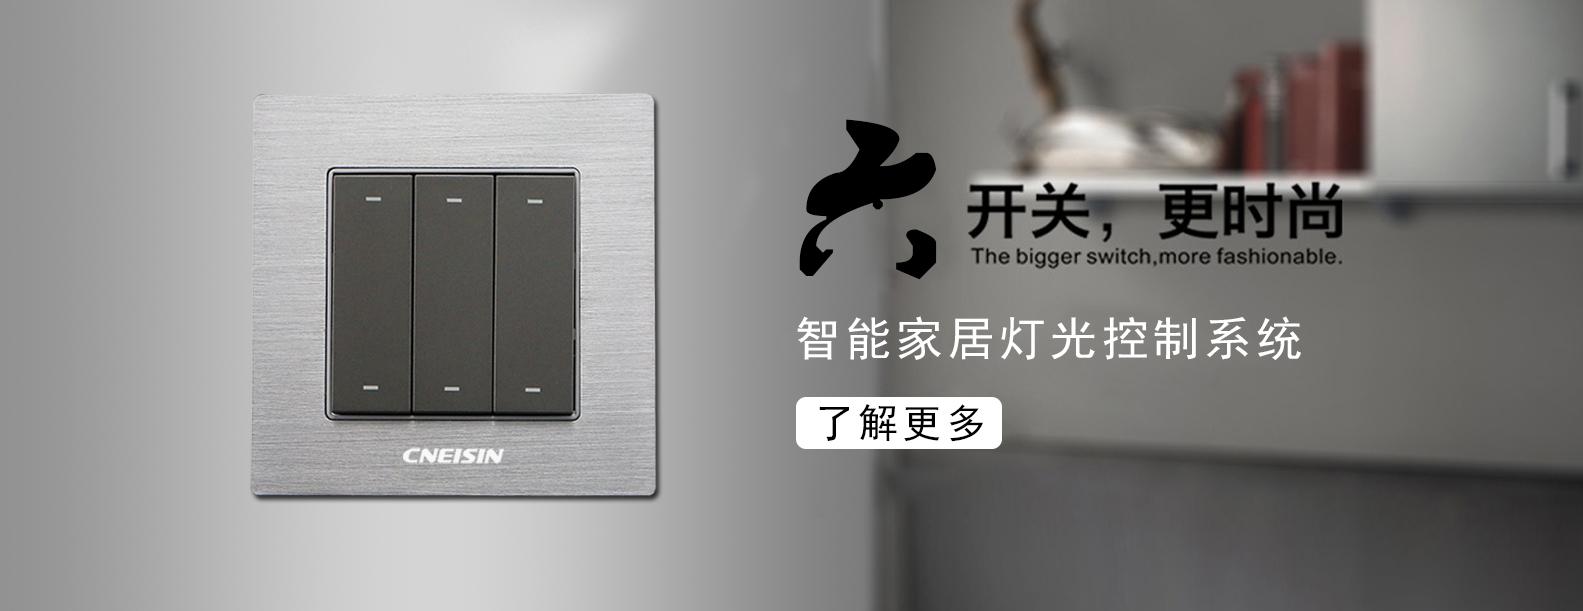 福建中科易讯科技有限公司